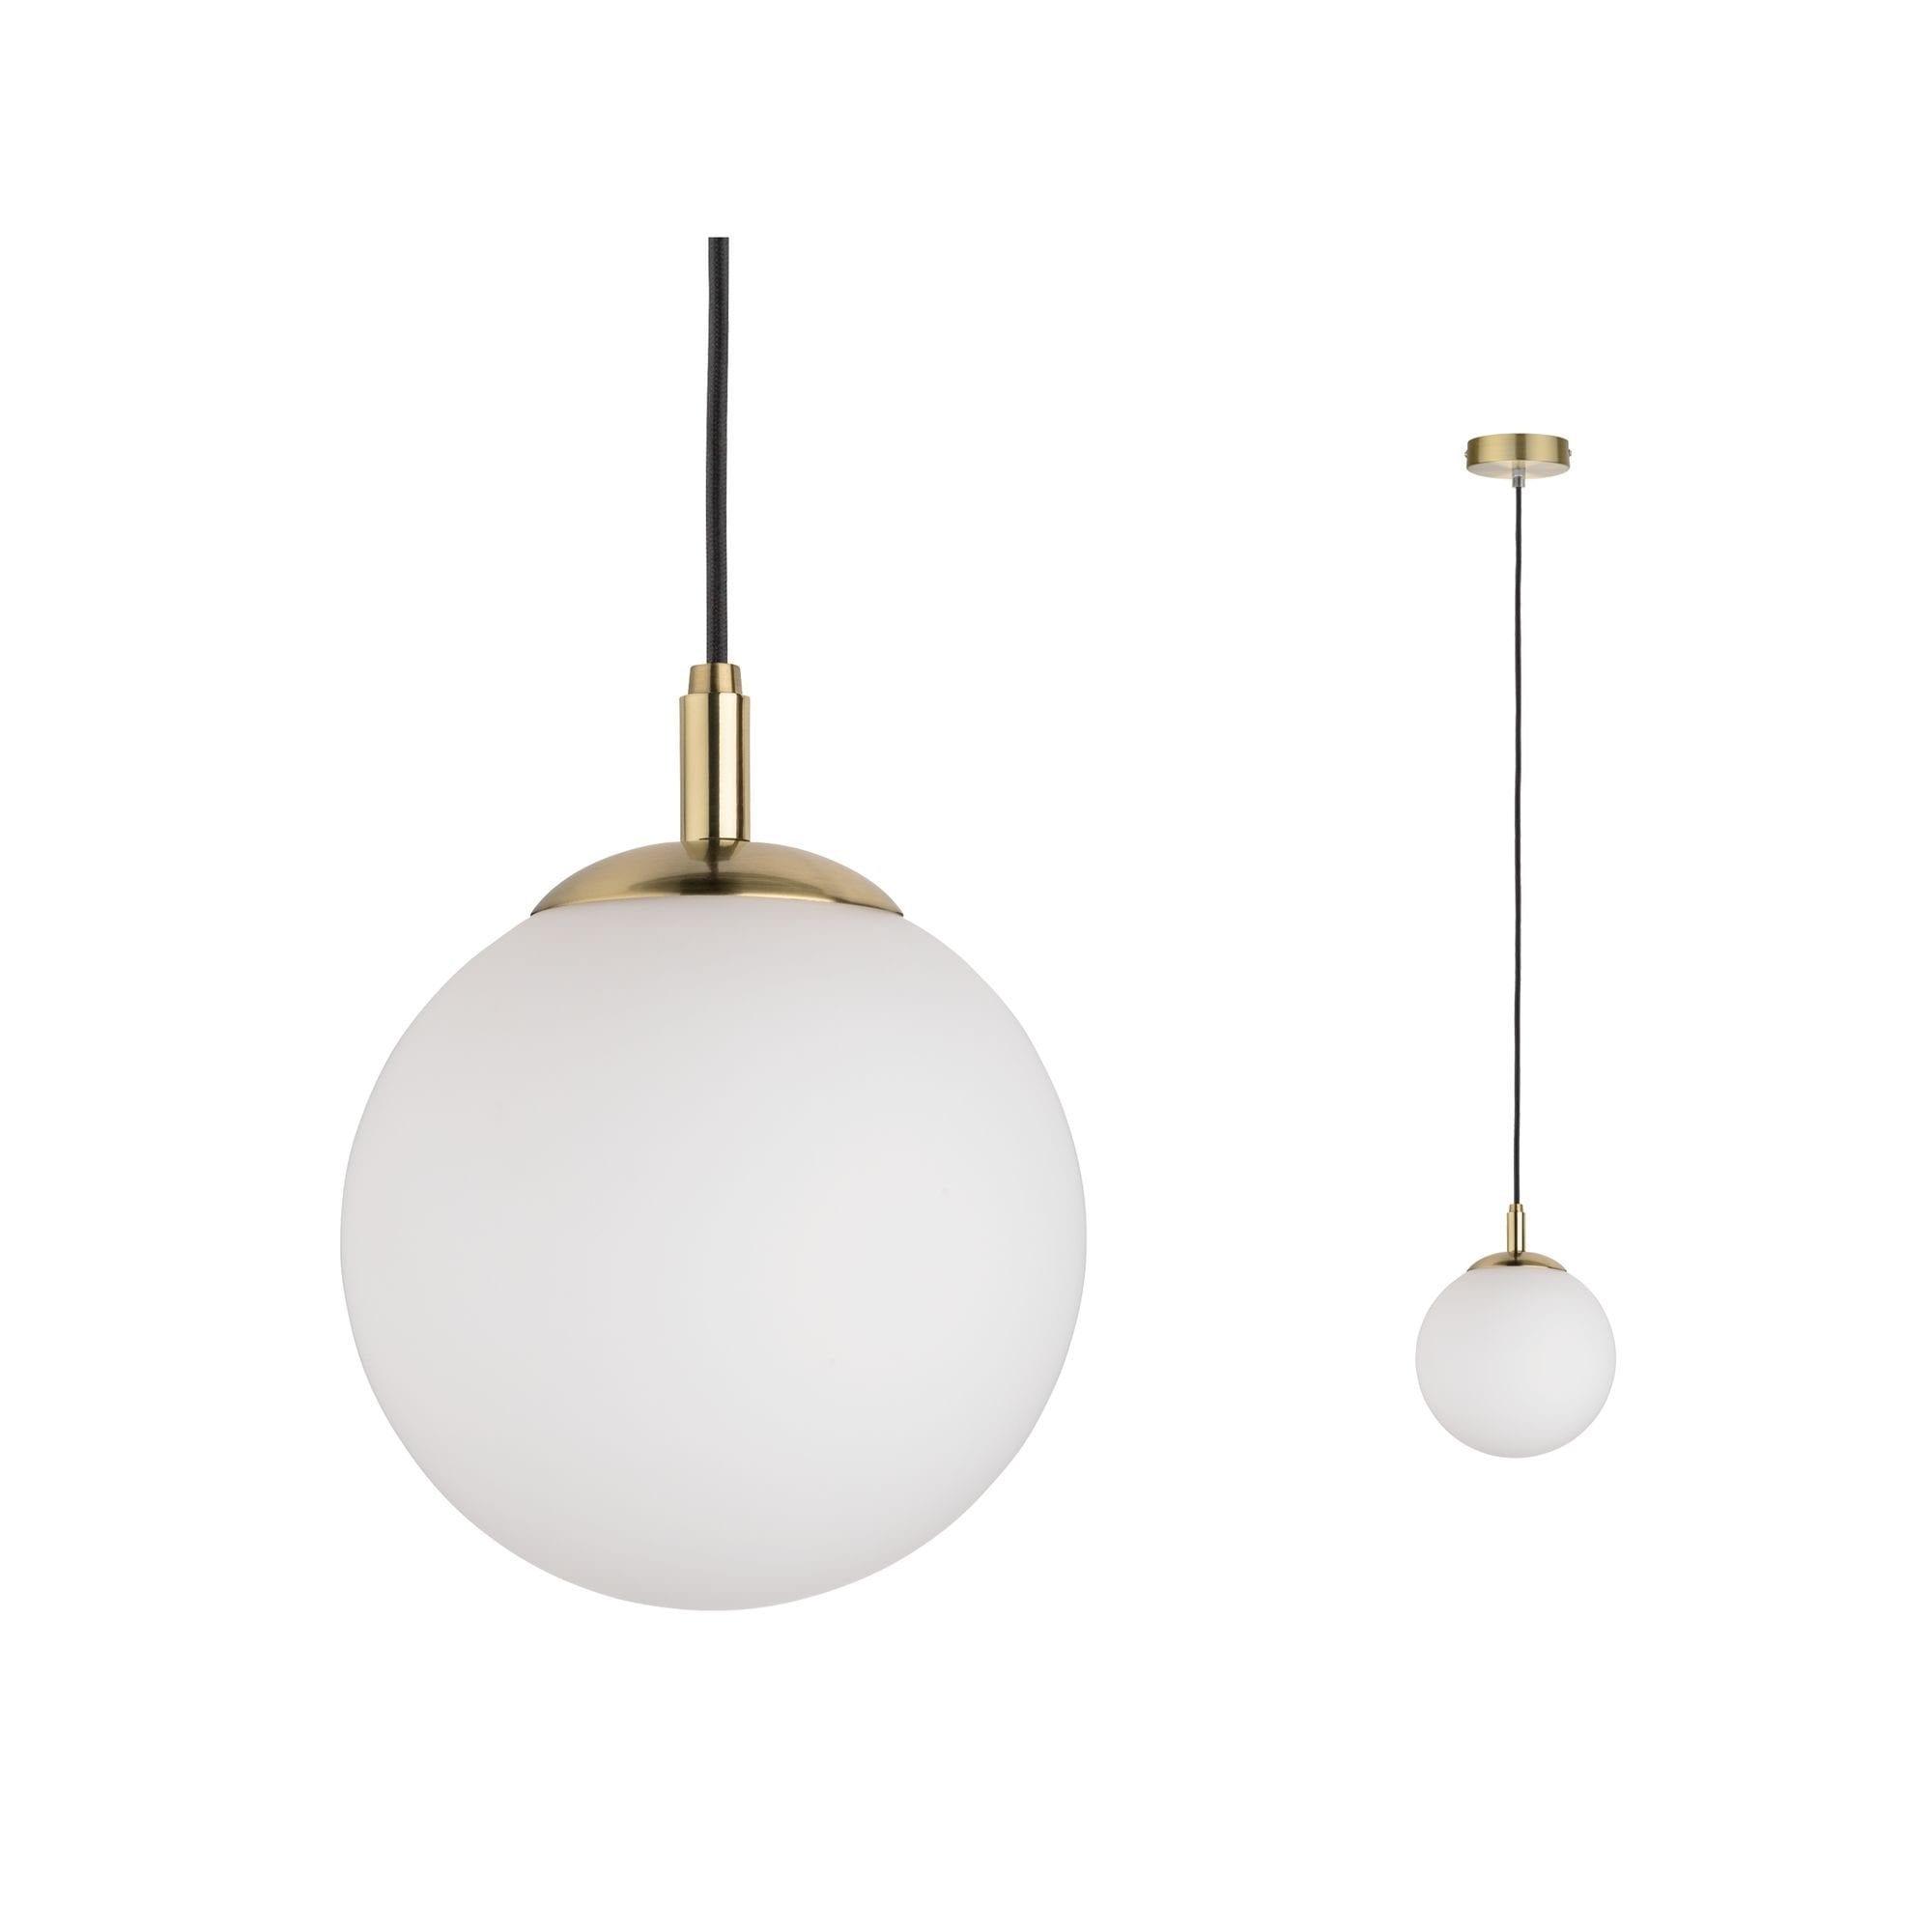 Paulmann LED Pendelleuchte Menja Satinglas/Messing gebürstet max. 20W E27, E27, 1 St.